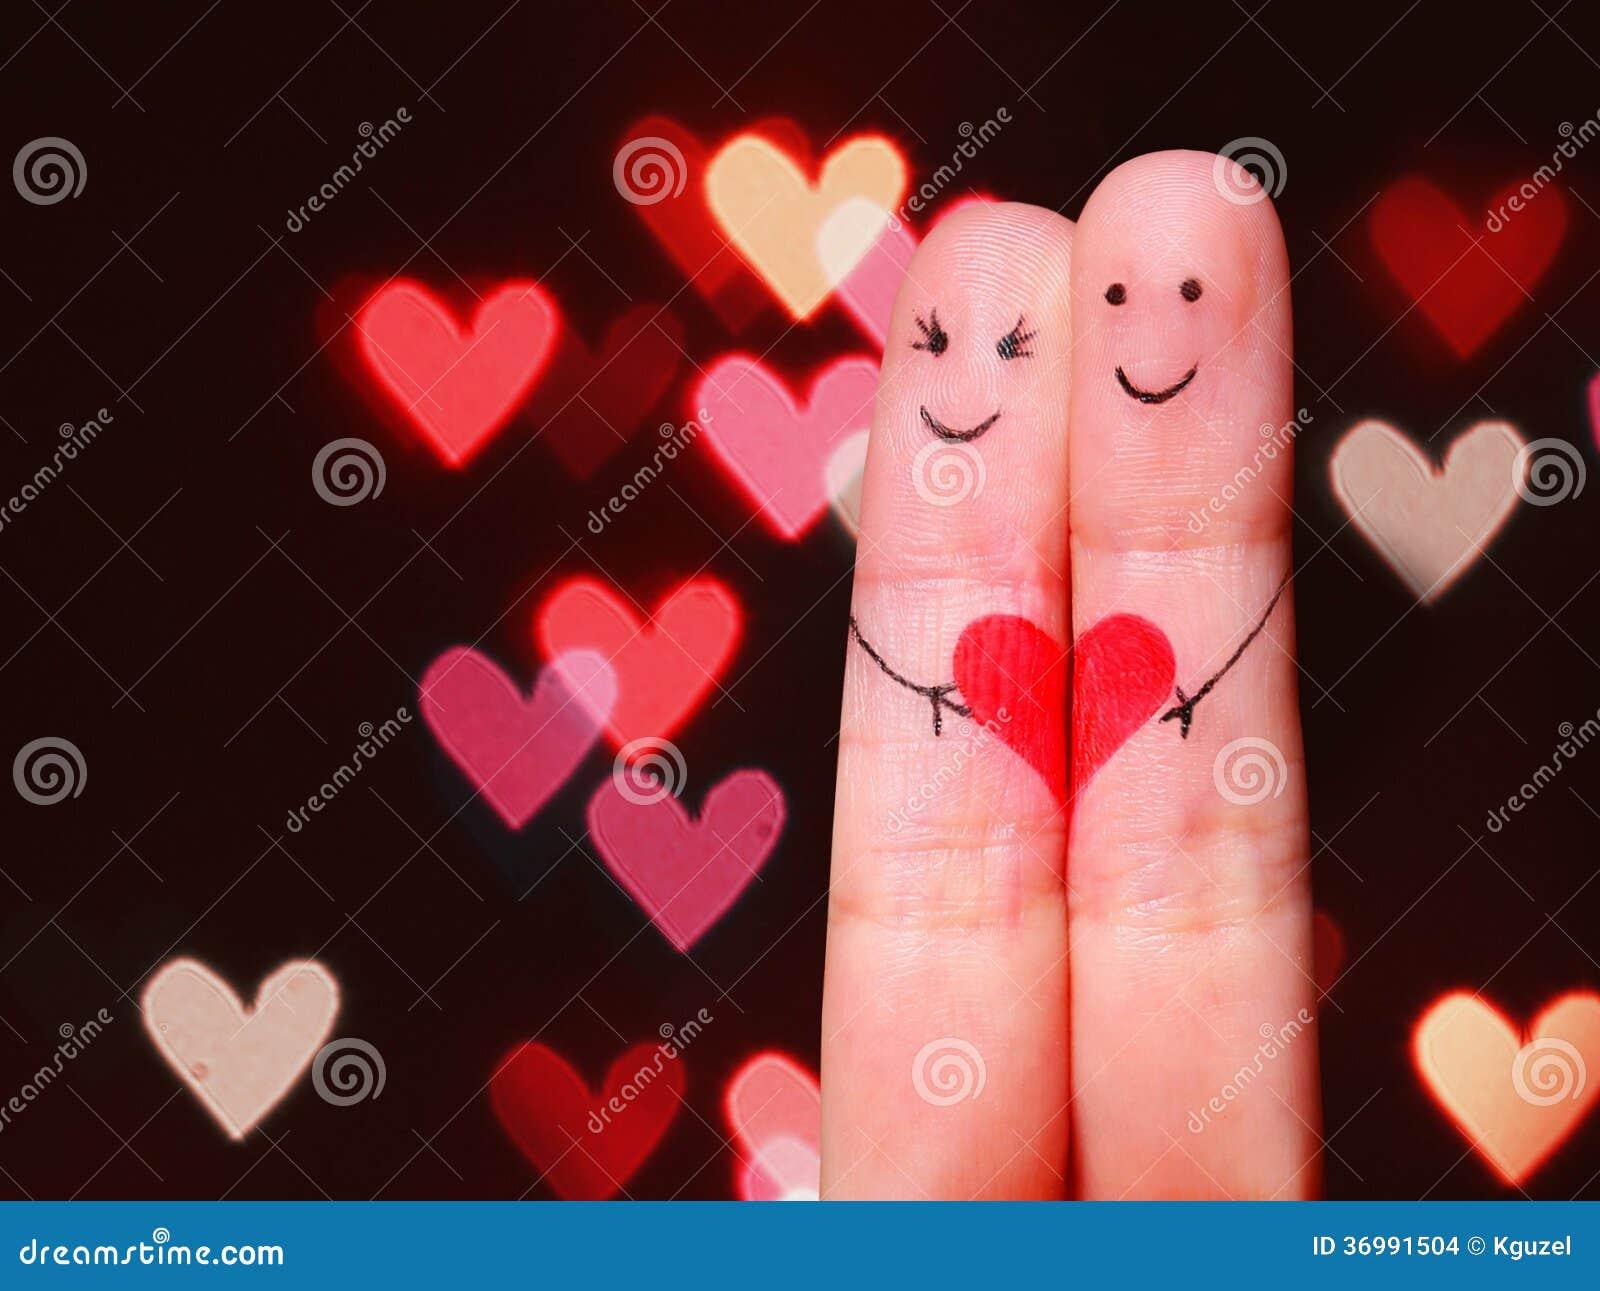 Conceito feliz dos pares. Dois dedos no amor com smiley pintado